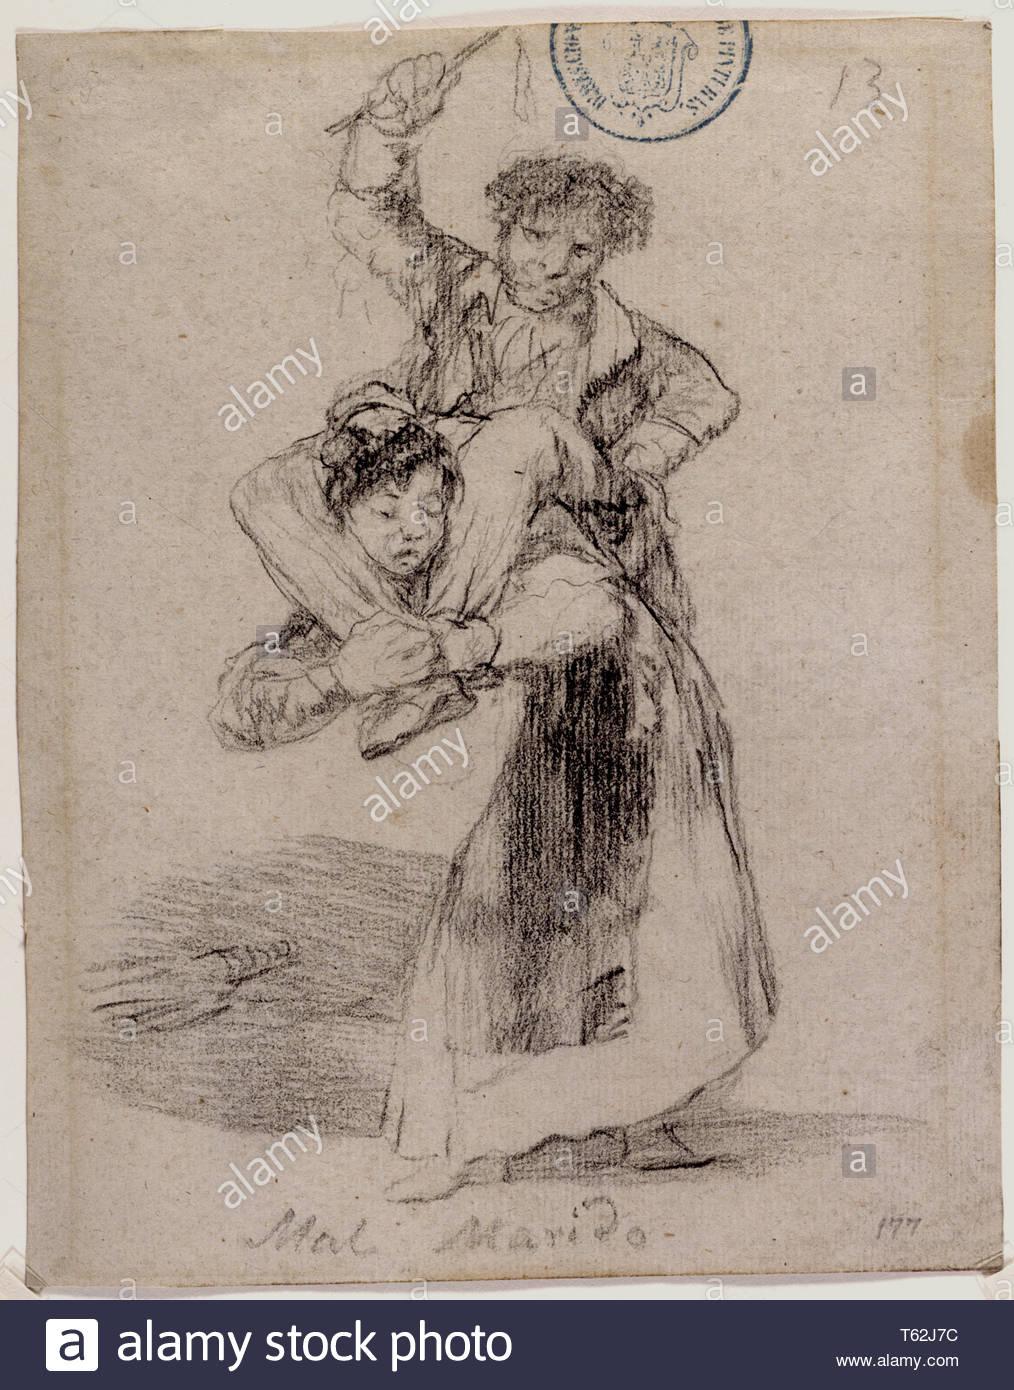 Goya y Lucientes, Francisco de-Mal Marido Imagen De Stock